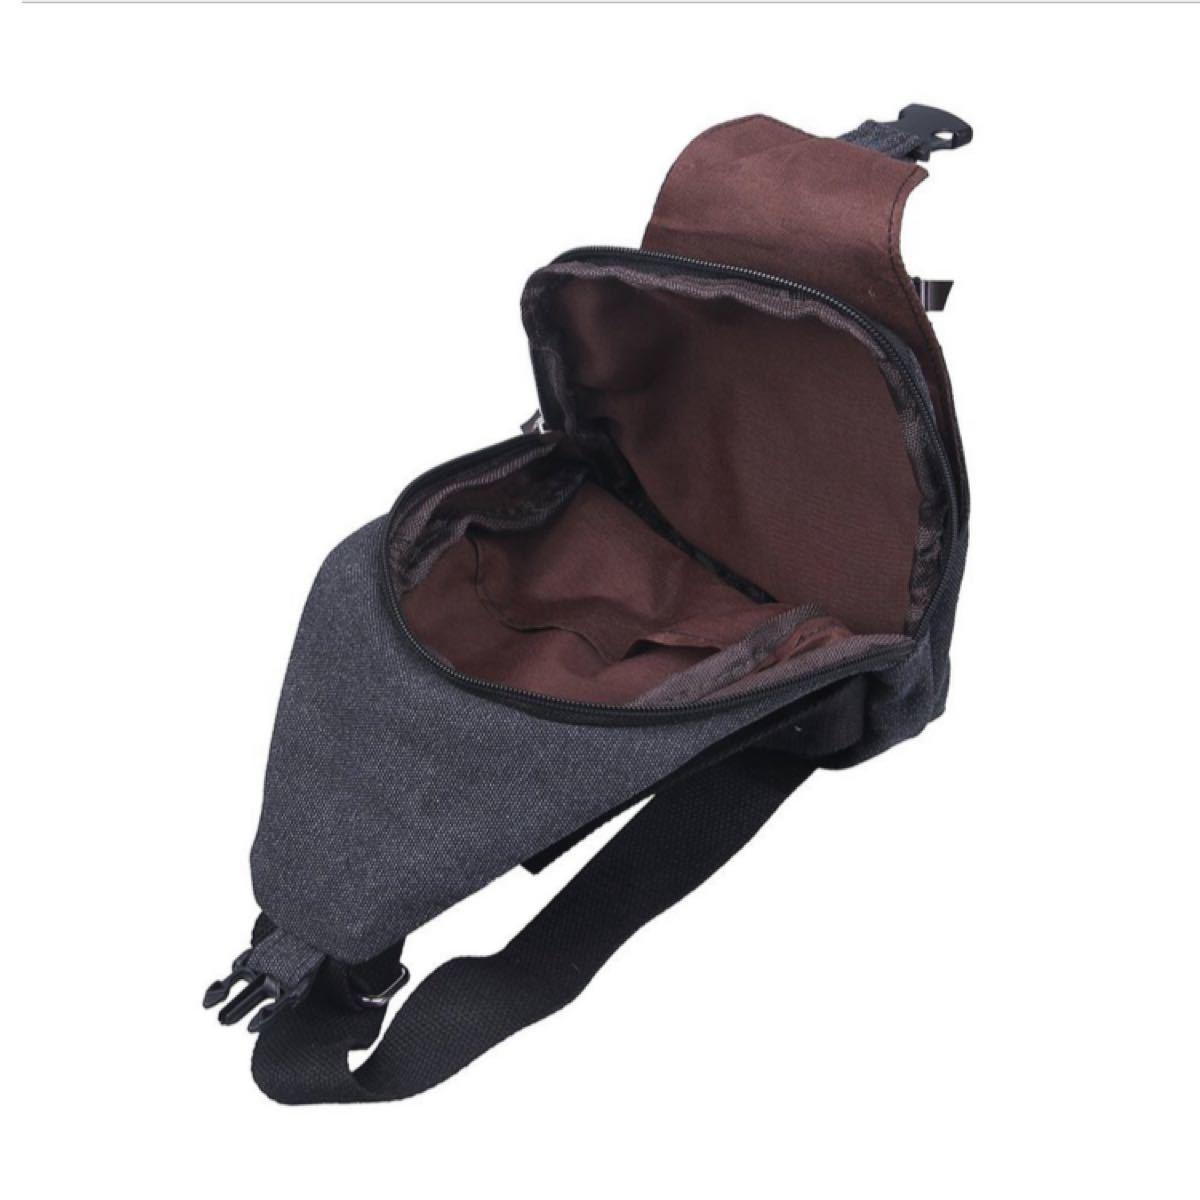 メンズ ショルダーバッグ ブラック シンプル 斜めがけ 肩掛け ボディバッグ 軽量 人気 送料込 即購入OK